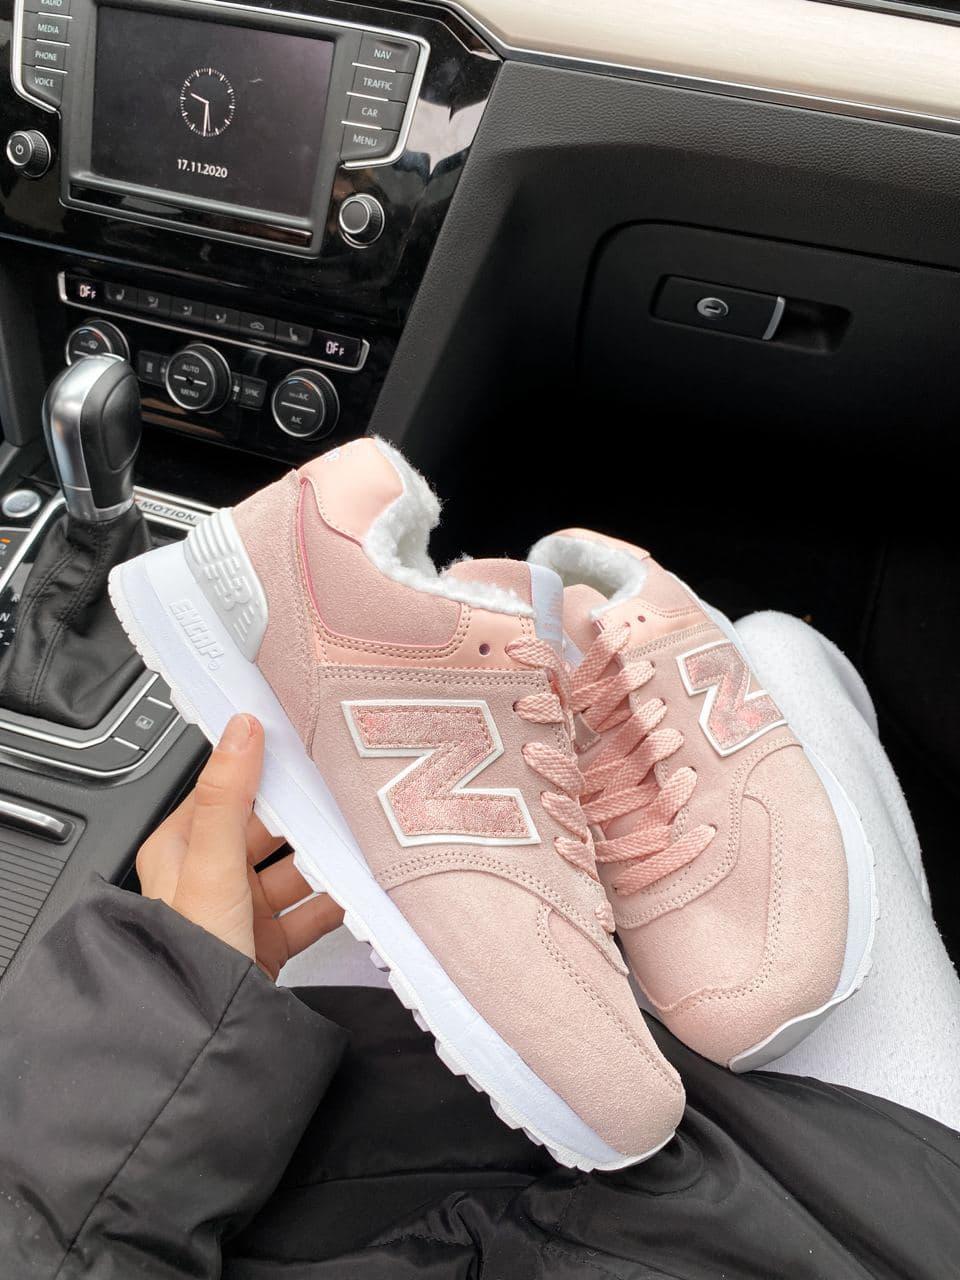 Женские зимние кроссовки New Balance NB 574 на меху PA291 розовые